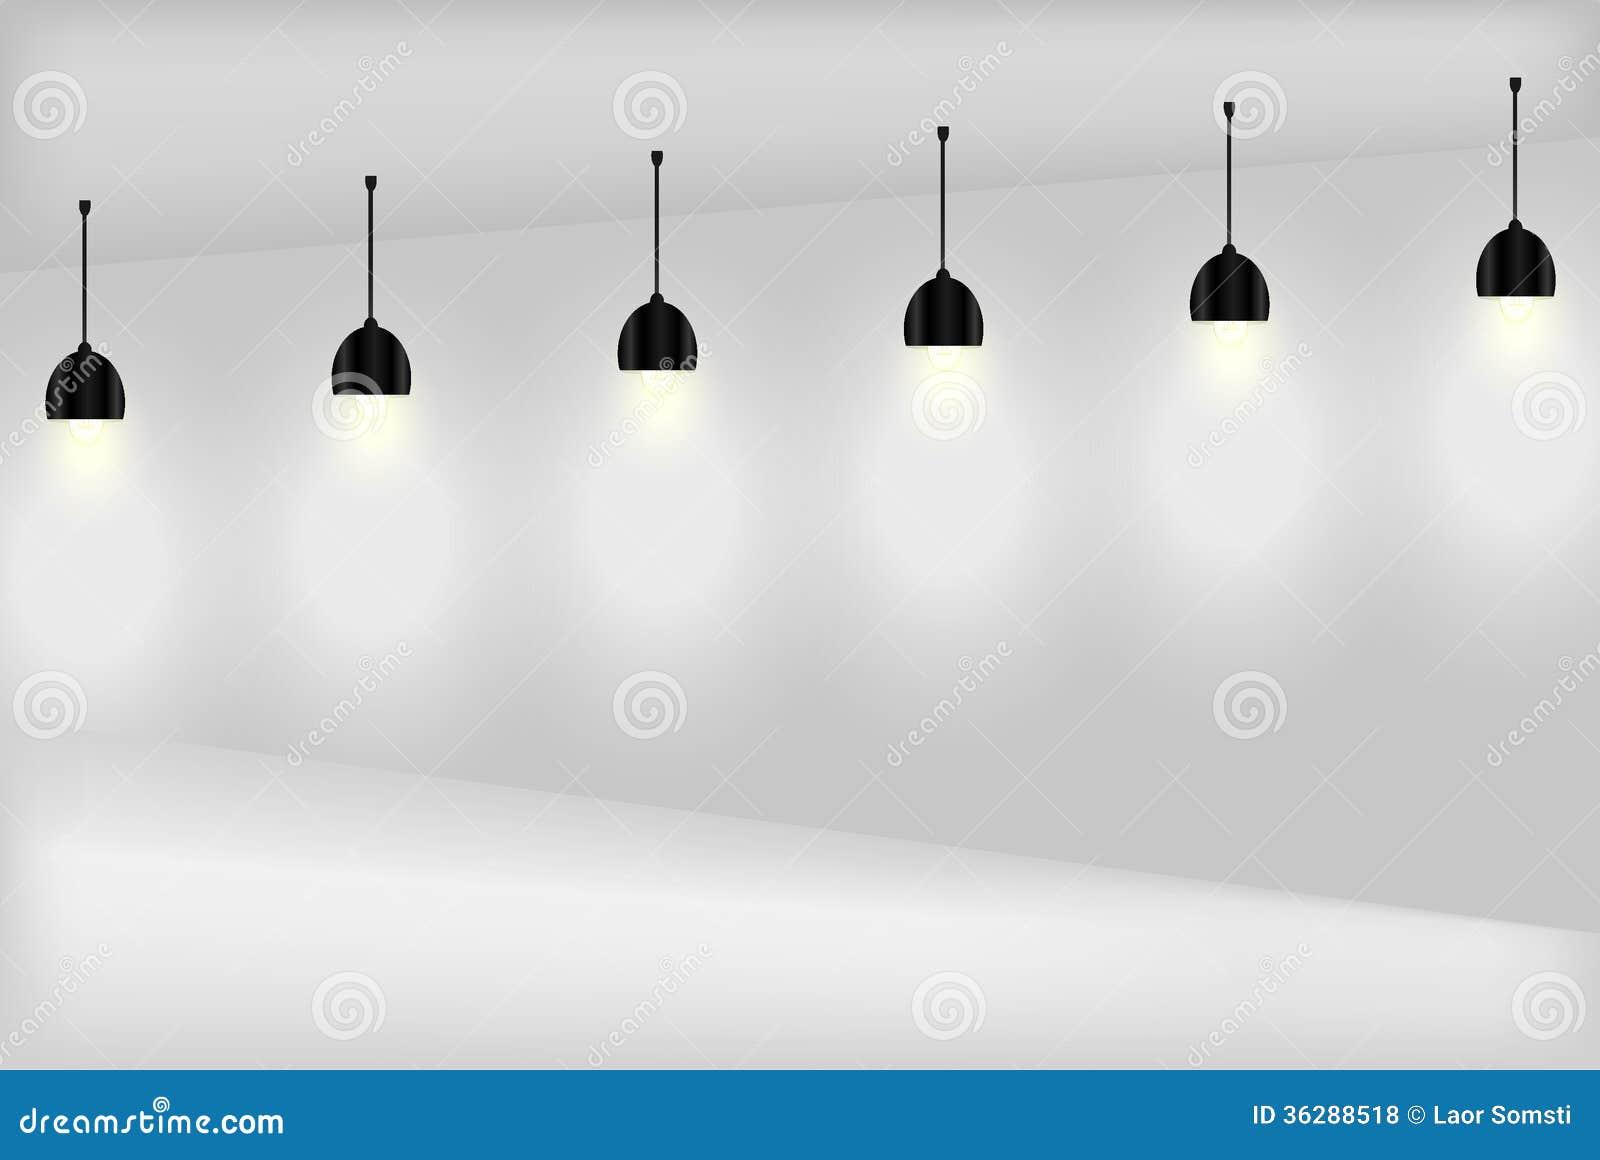 Lege witte muur met lampen royalty vrije stock foto 39 s afbeelding 36288518 - Binnenkleuren met witte muur ...